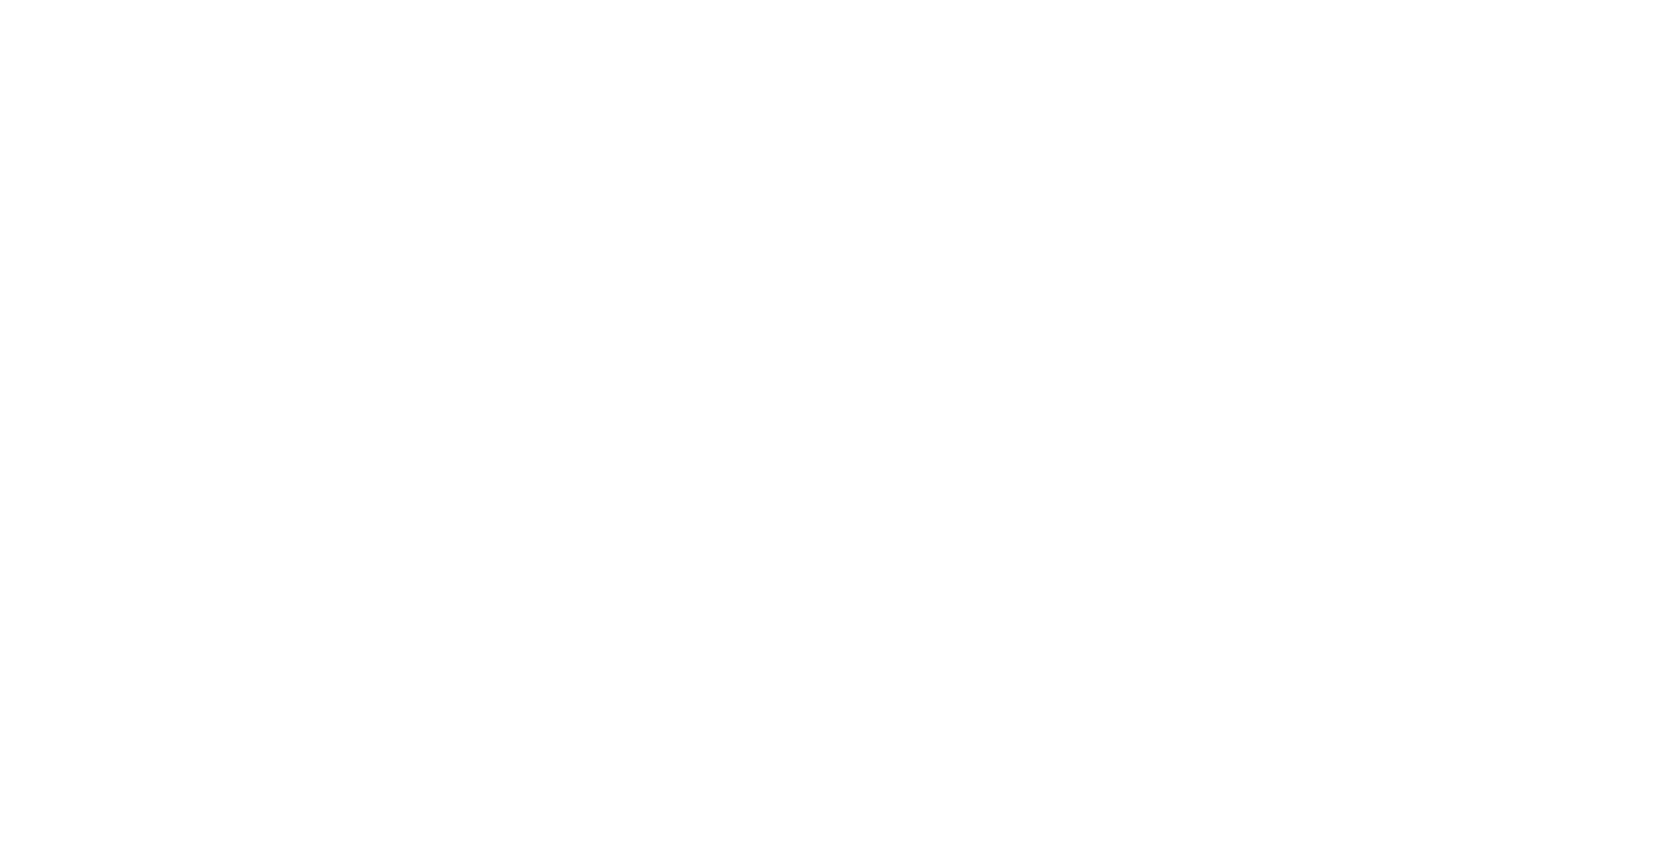 Uptown Creation